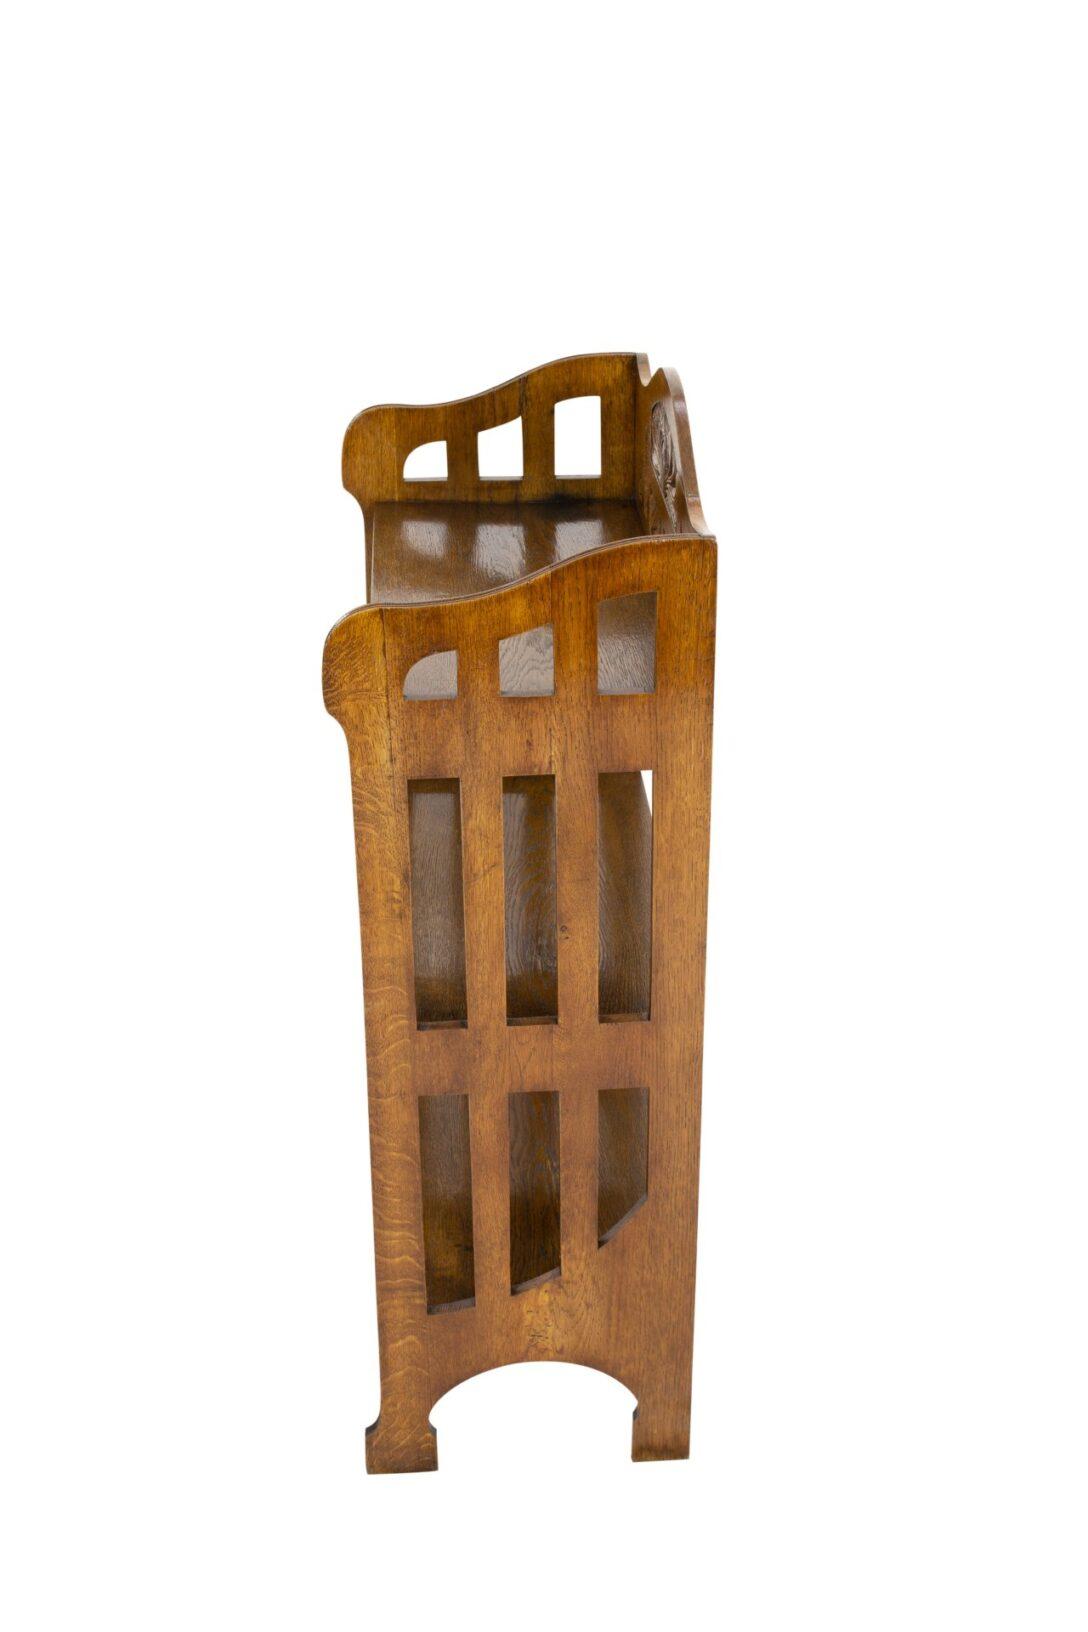 Large Size of Kleines Regal Eiche Jugendstil Antik Antiquitten Leiter Wildeiche Fnp Mit Rollen Wandregal Küche Graues Gastro Massivholz Holzregal Auf 20 Cm Tief Schmal Regal Kleines Regal